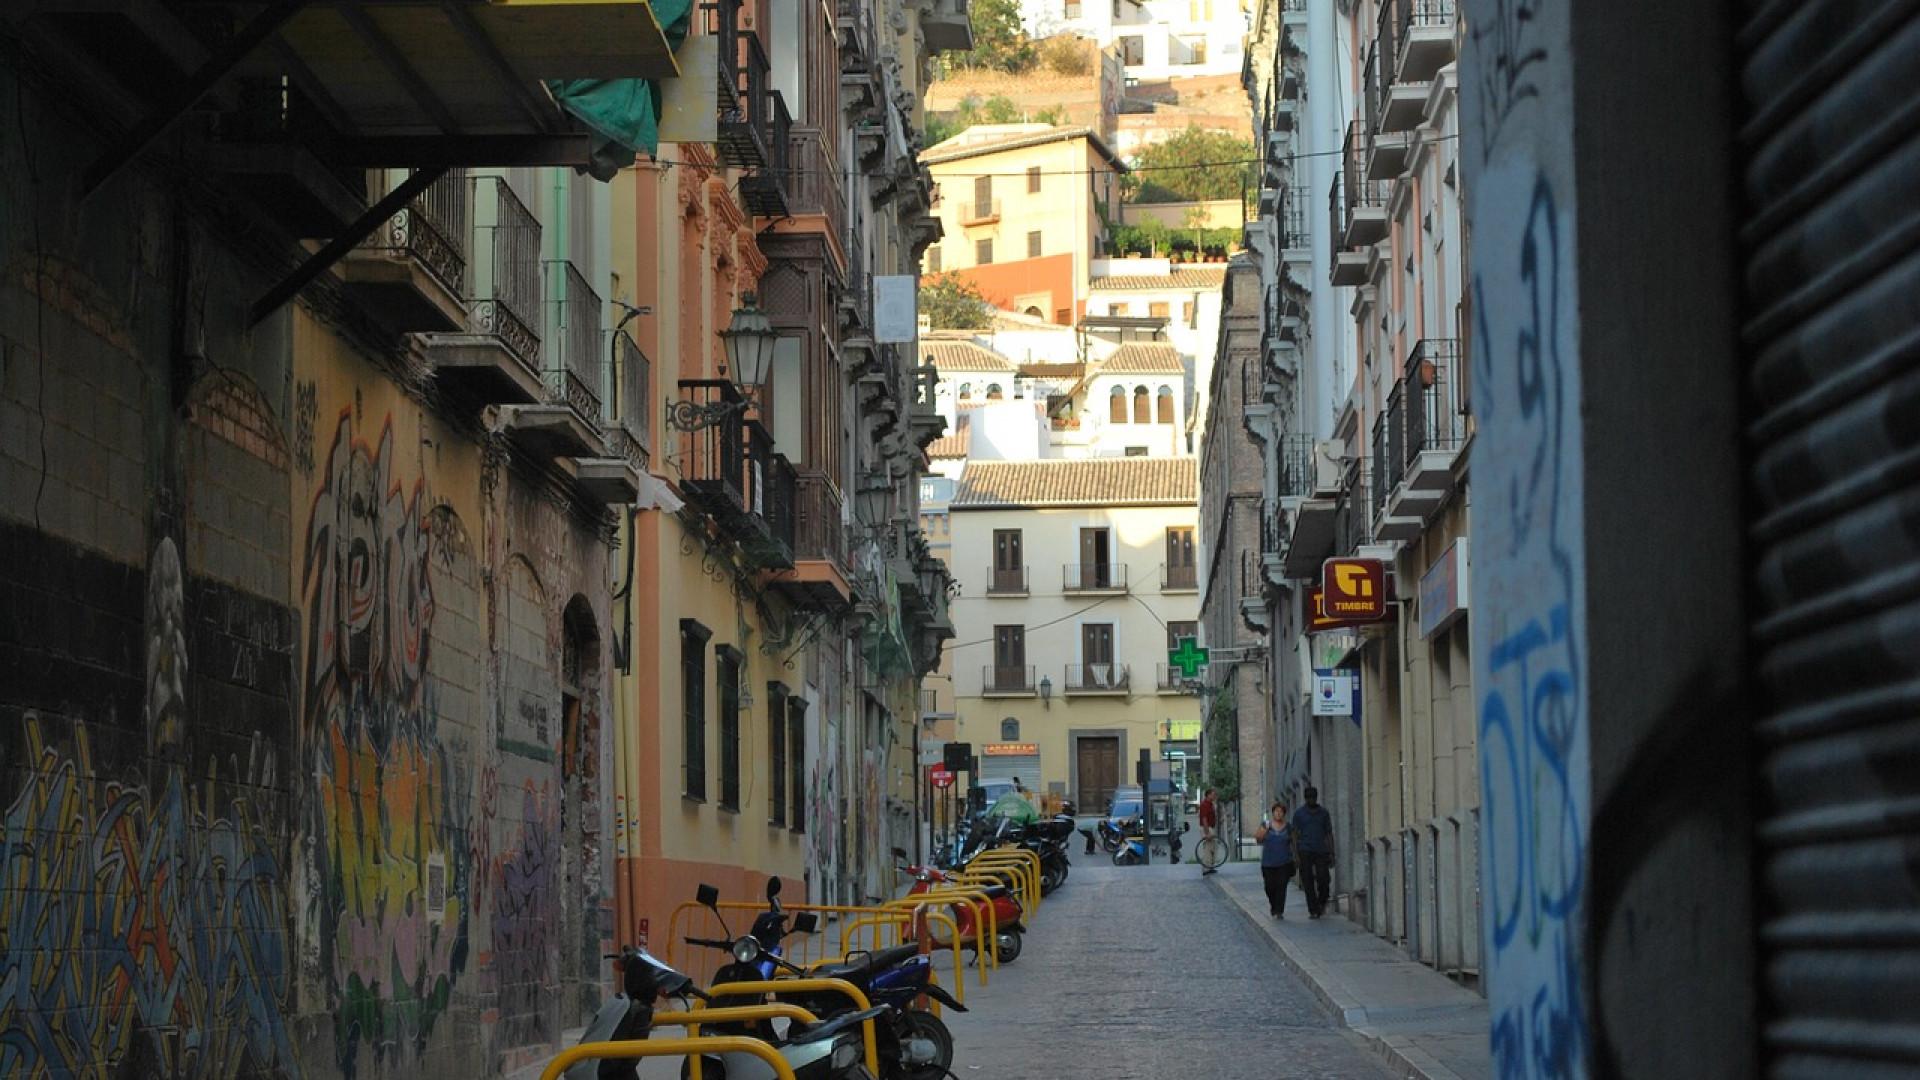 Serge Perottino milite pour l'organisation des villes 14